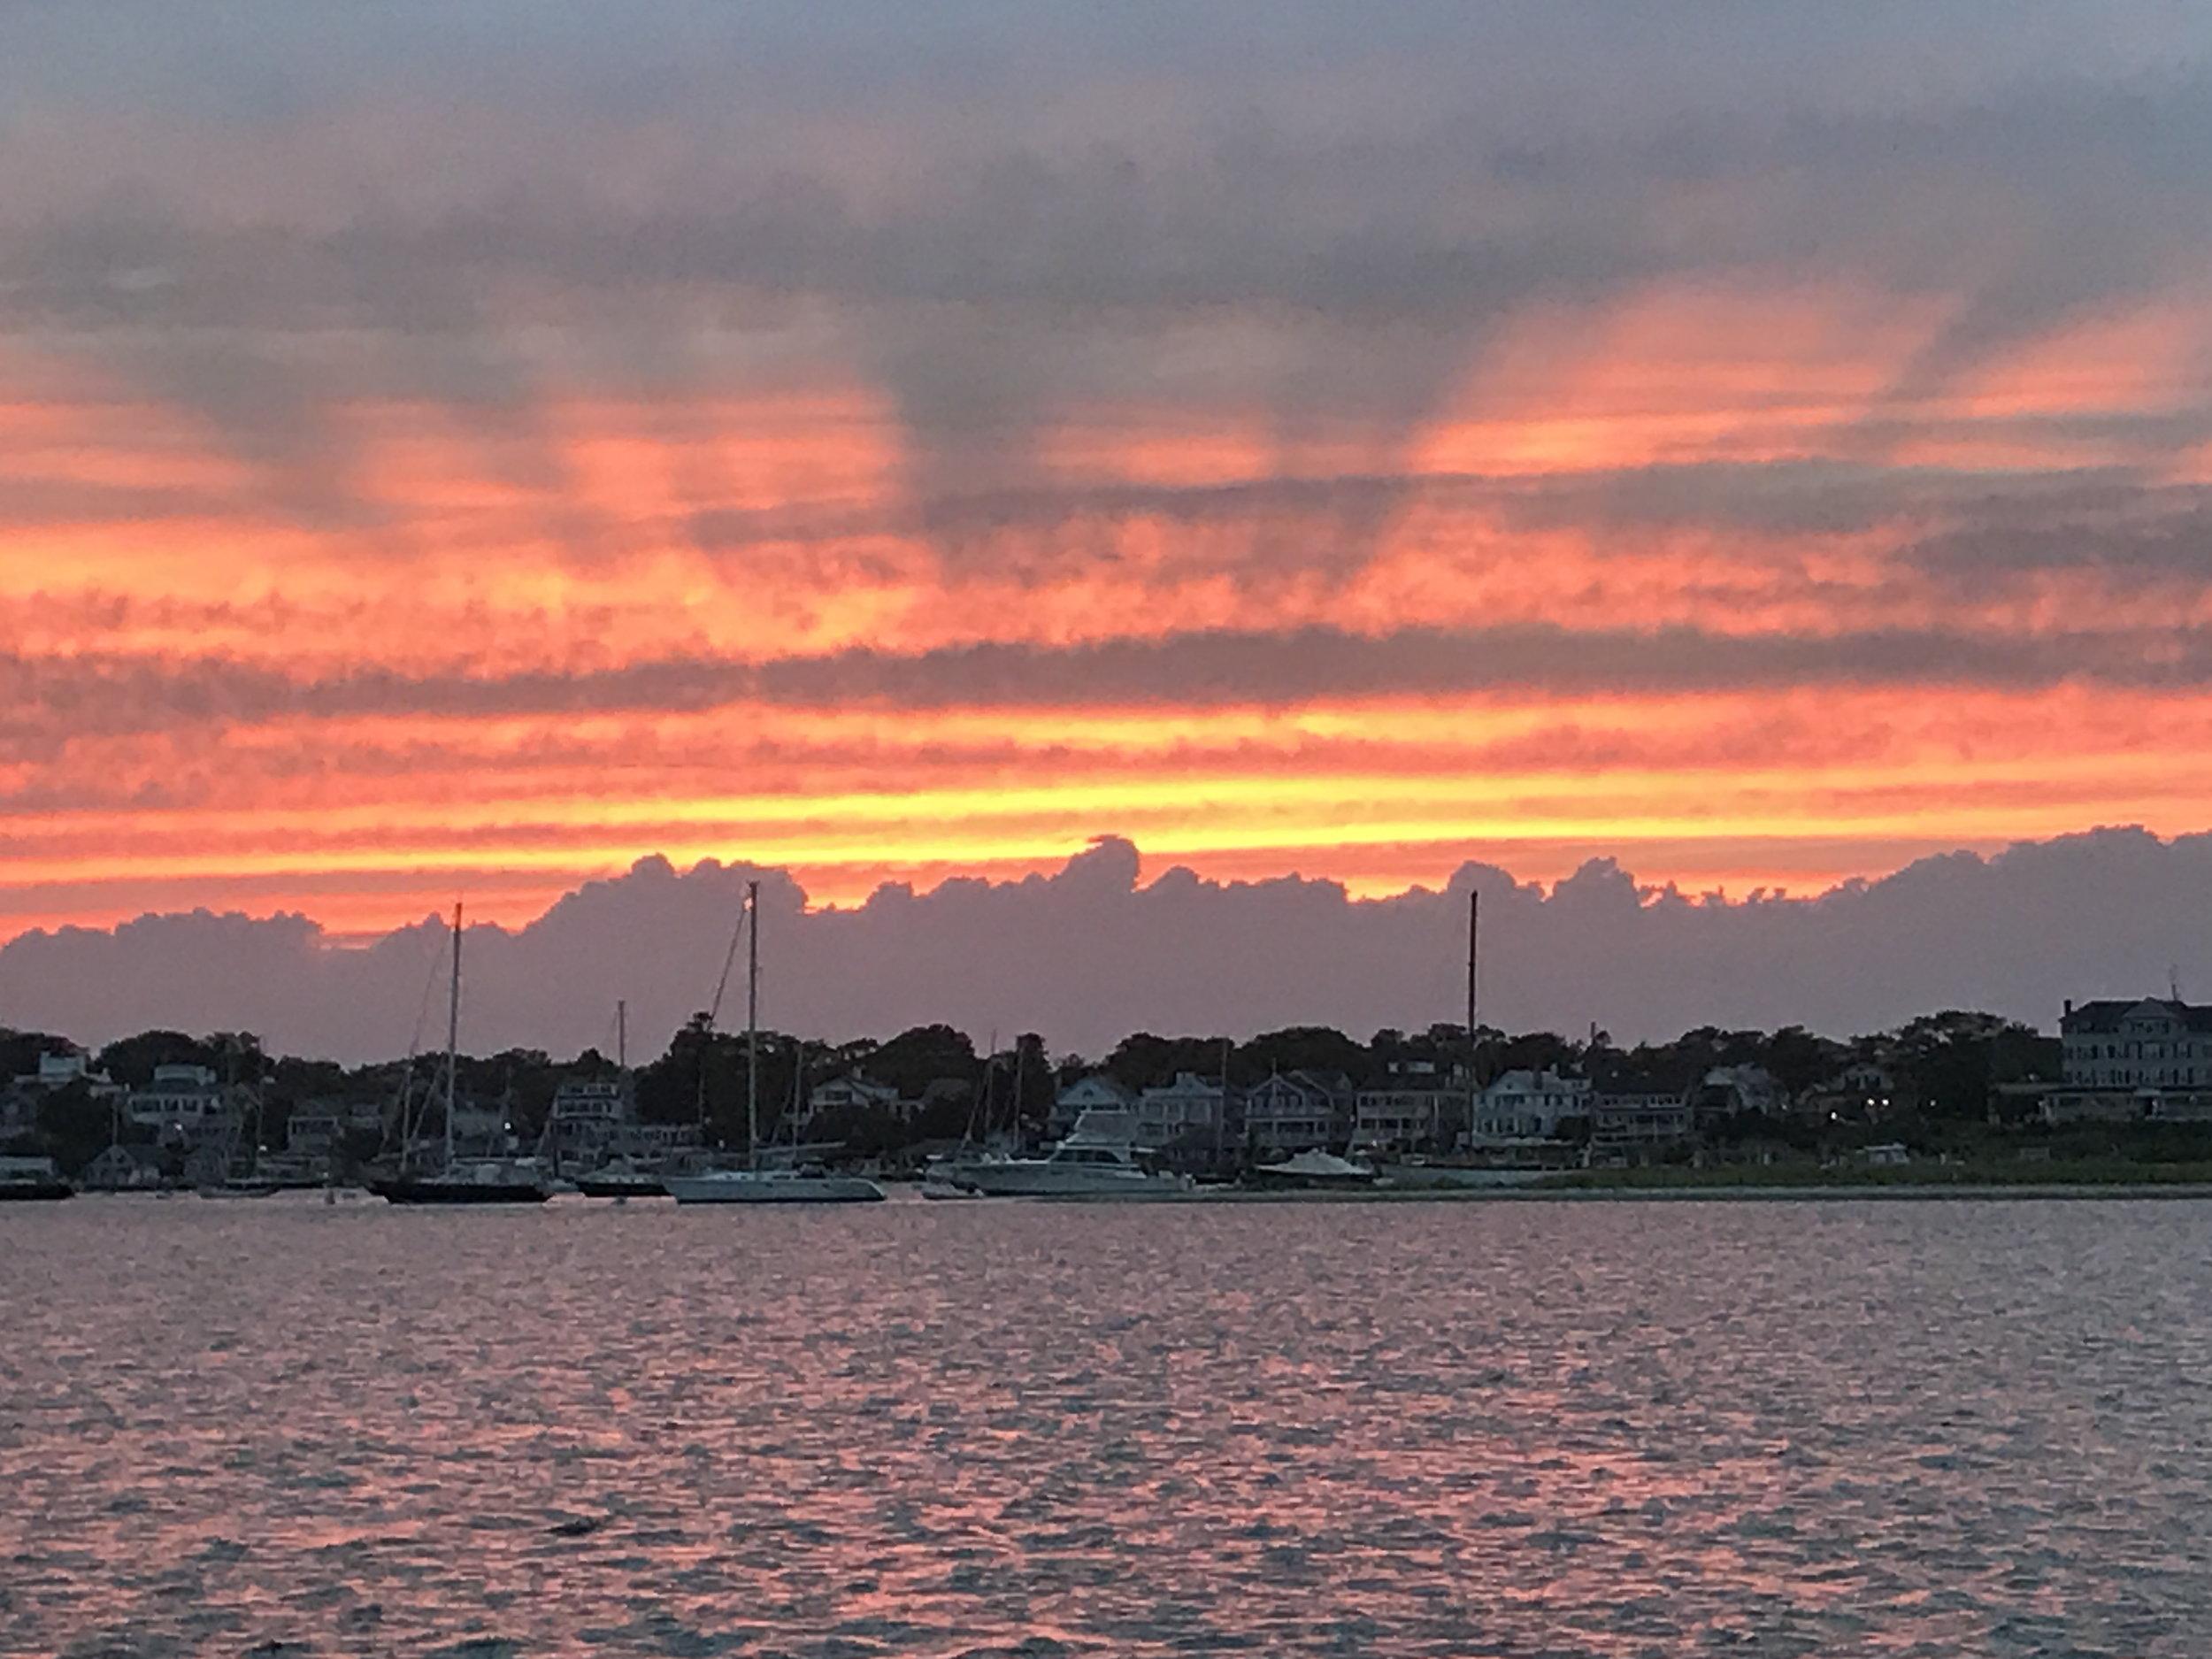 An intense sunset after a murderous writing day.